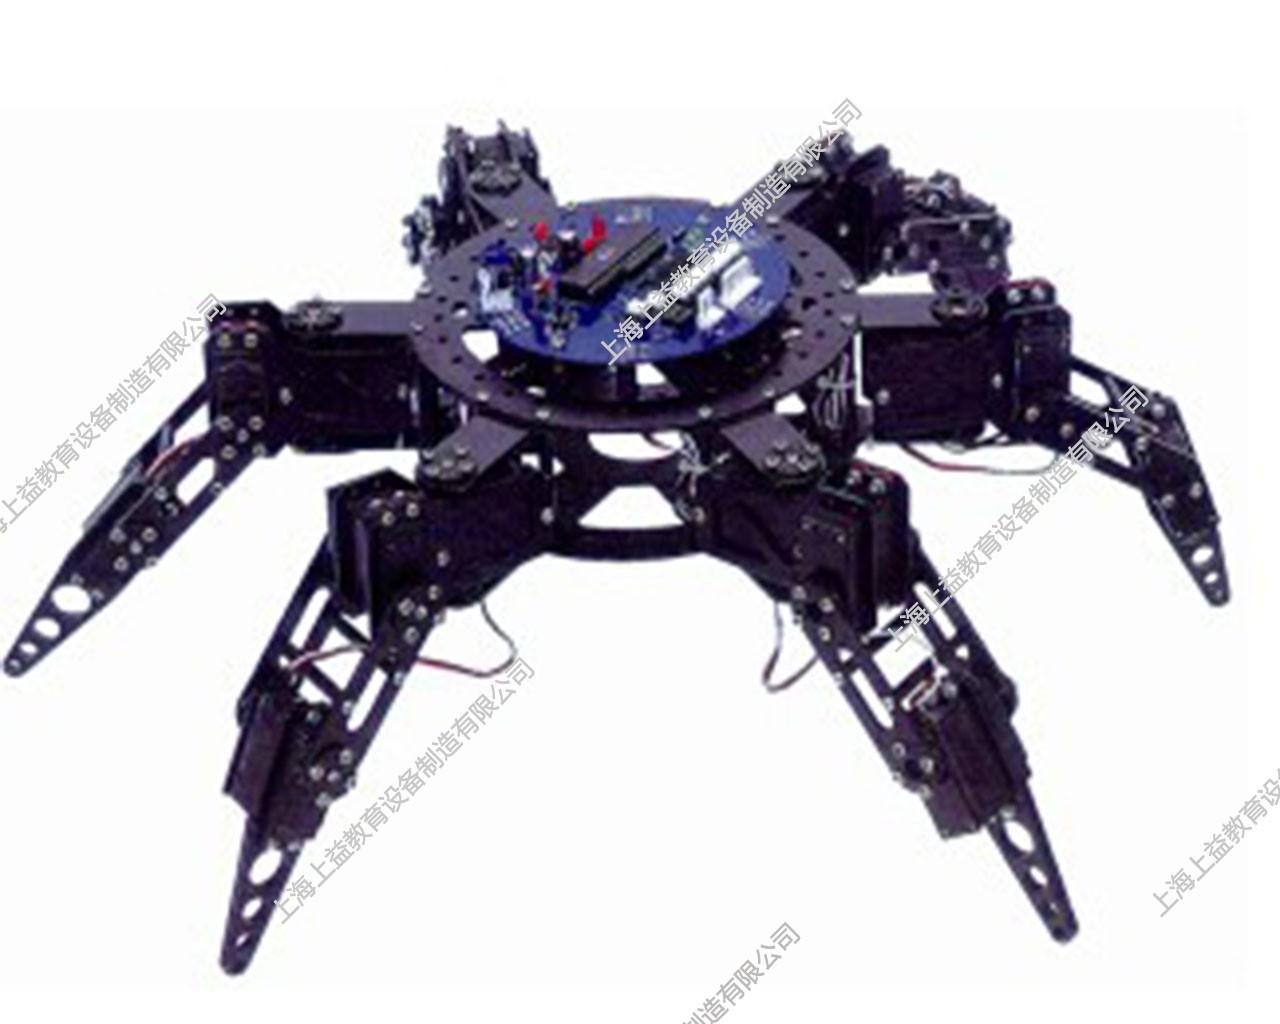 SYMX-01N型6足21自由度爬行机器人wwwlehu8vip模型